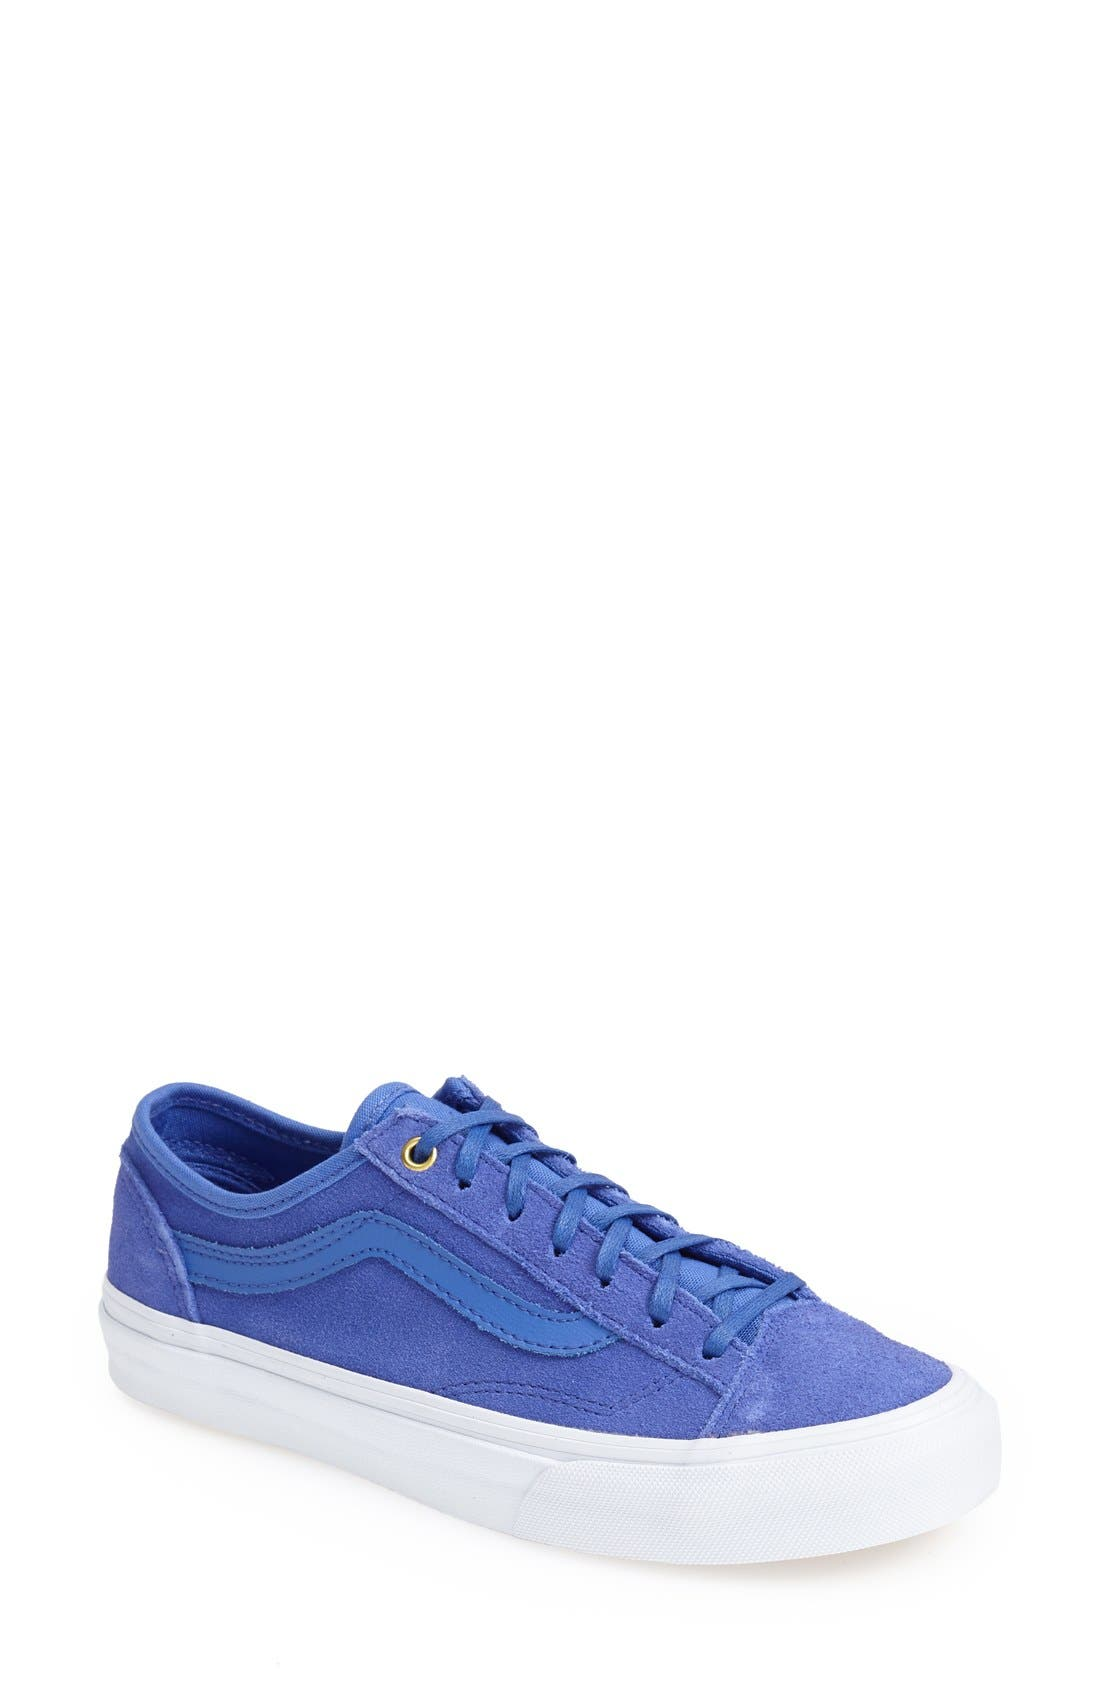 Alternate Image 1 Selected - Vans 'Style 36' Slim Sneaker (Women)